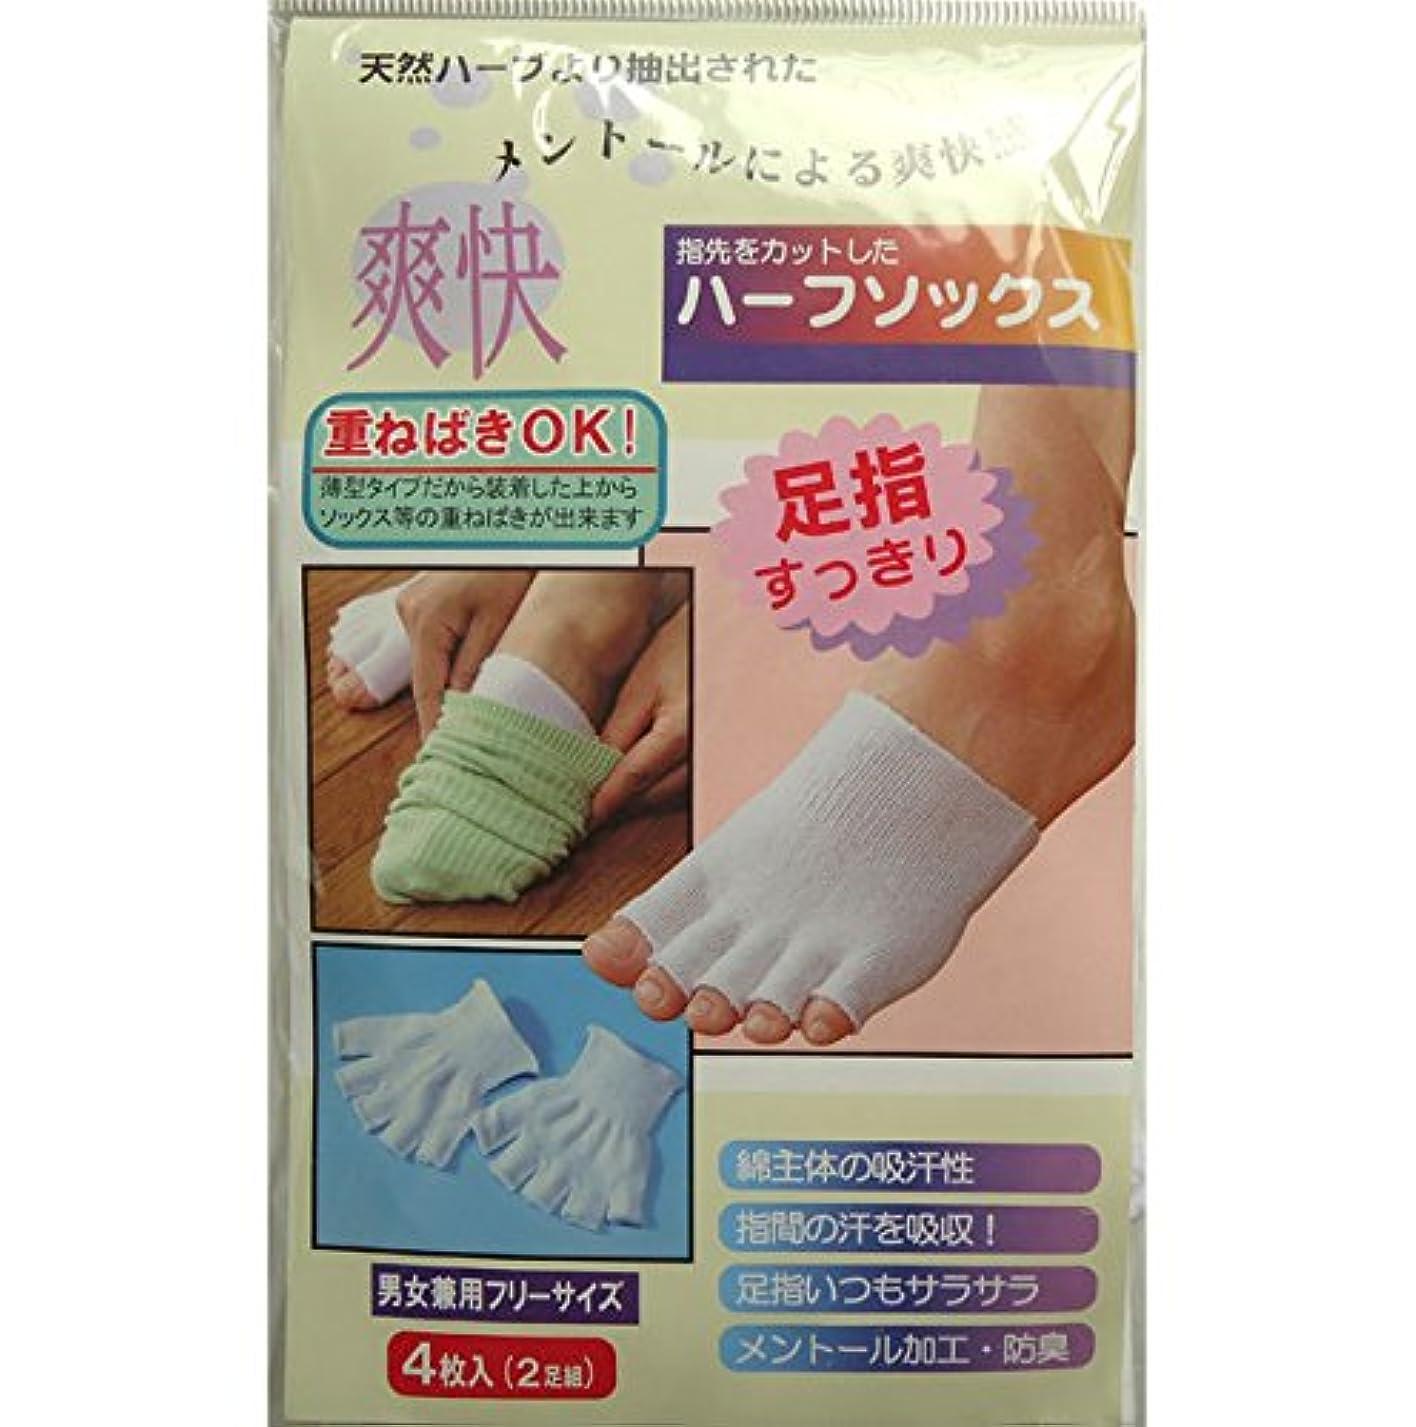 管理者アレイ豪華な日本製 ハーフソックス 5本指 綿 抗菌防臭 メンズ レディースお買得2足組(ホワイト)